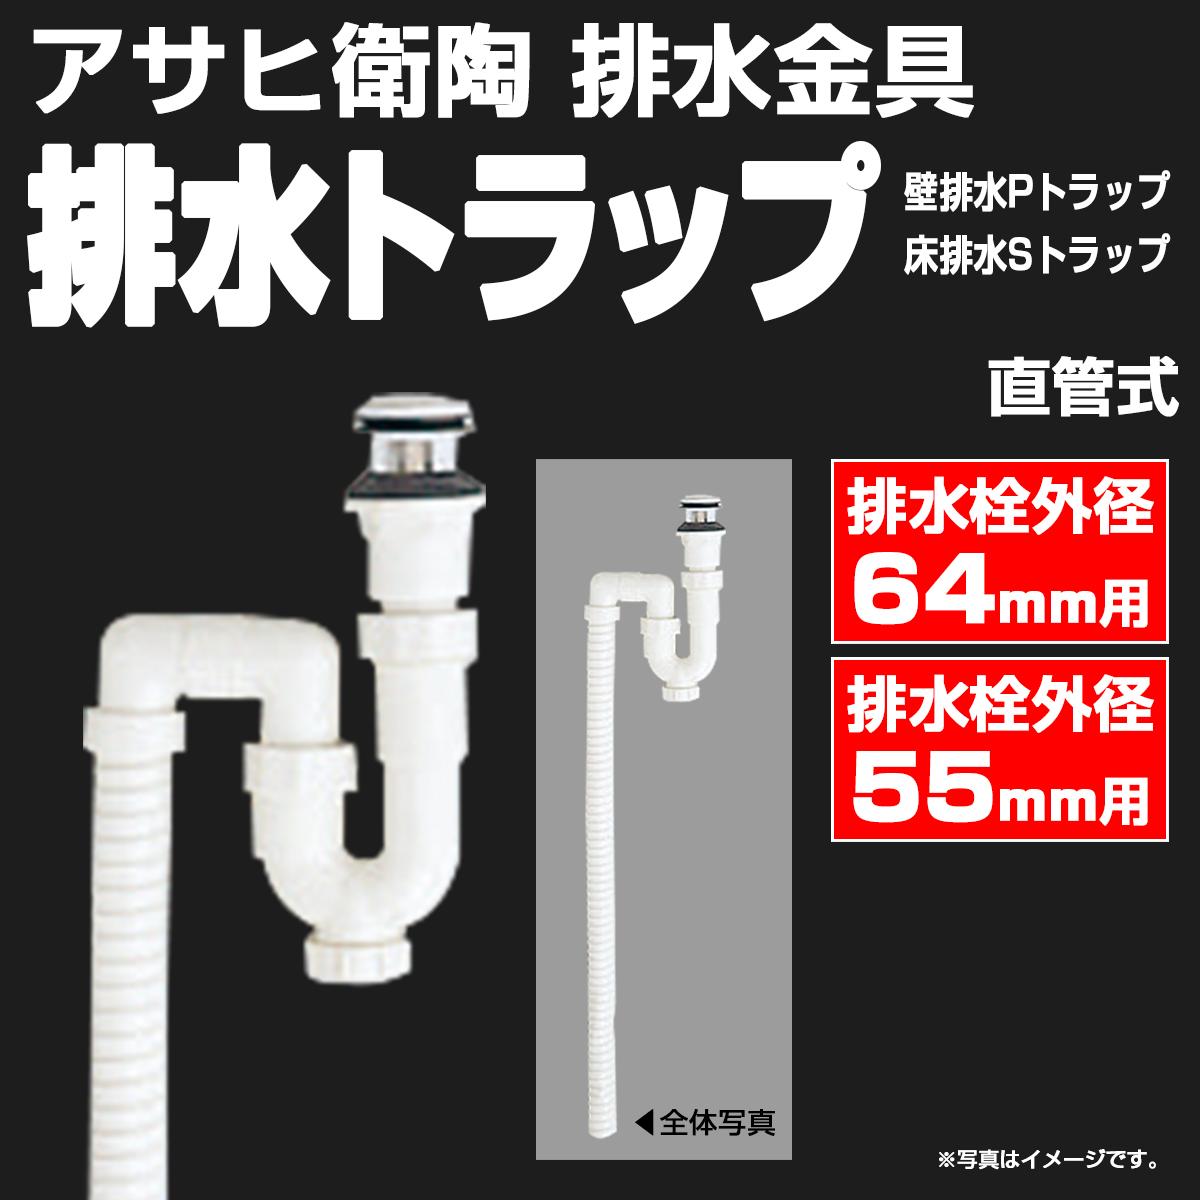 驚きの価格が実現 アサヒ衛陶 排水トラップ 直管式壁排水 排水栓外径55mm LF550P 着後レビューで 送料無料